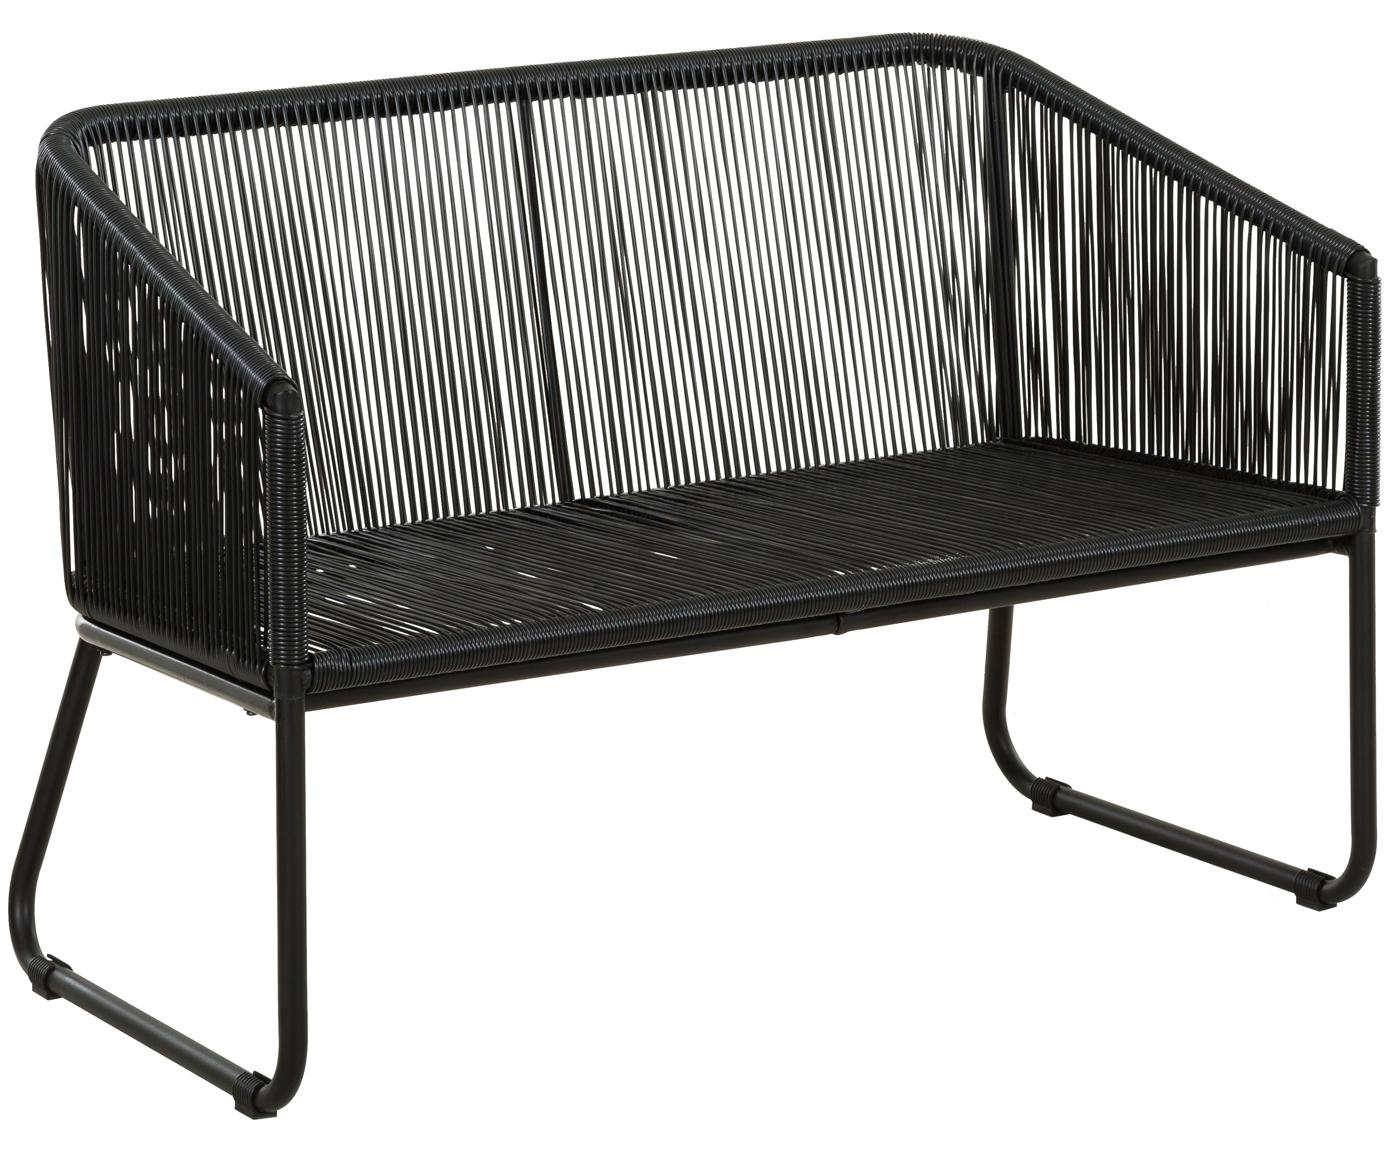 Ławka ogrodowa ze splotem z tworzywa sztucznego Moa, Stelaż: metal malowany proszkowo, Czarny, S 118 x G 64 cm